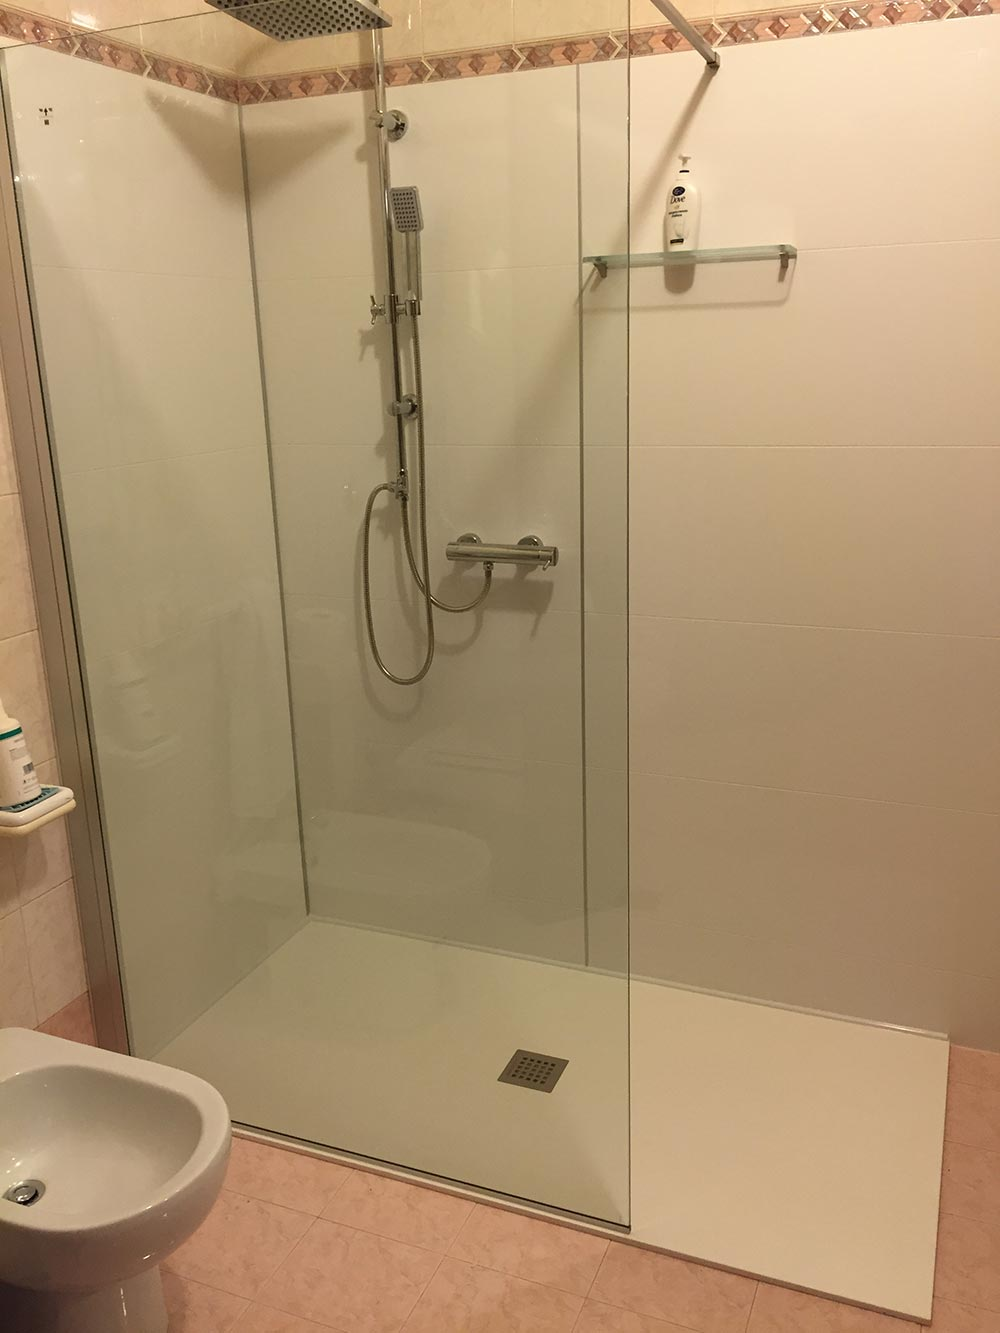 Piatto doccia filo pavimento piatto doccia per disabili - Riparazione vasca da bagno ...